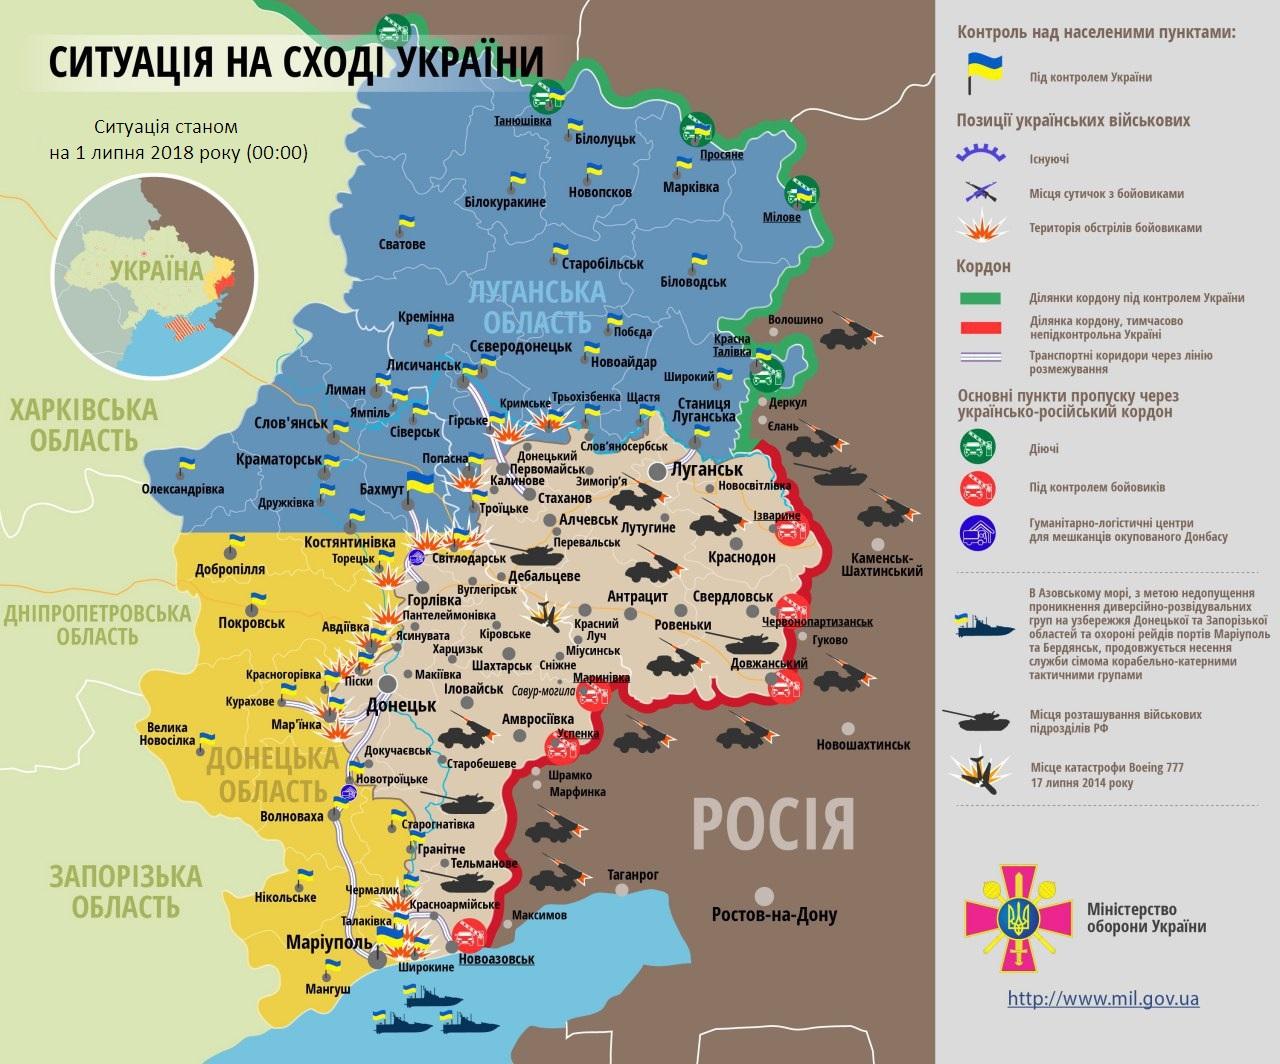 Карта ООС: расположение сил на Донбассе от 01.07.2018